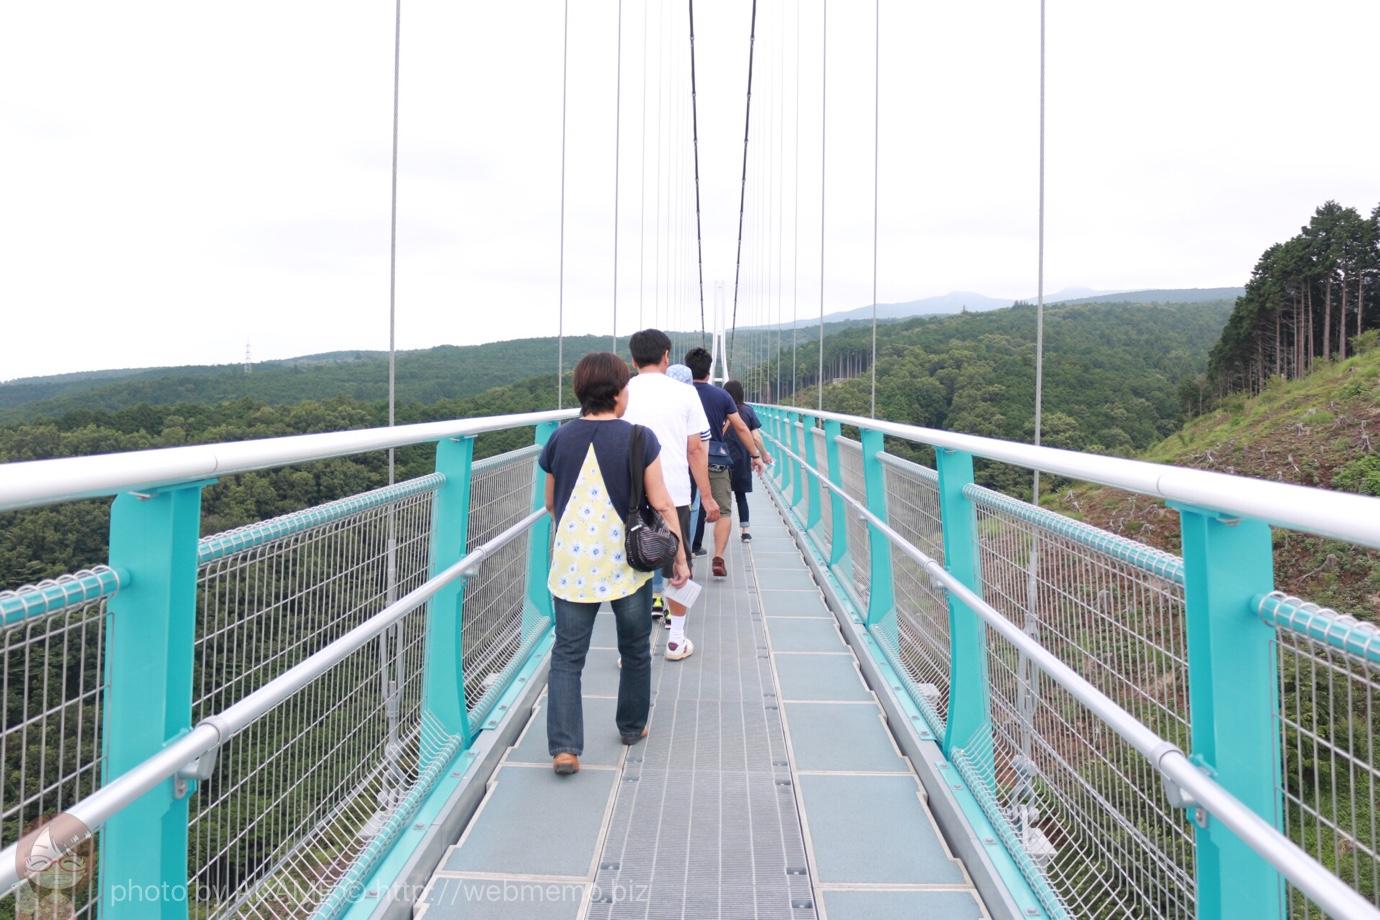 三島スカイウォーク 吊り橋の上